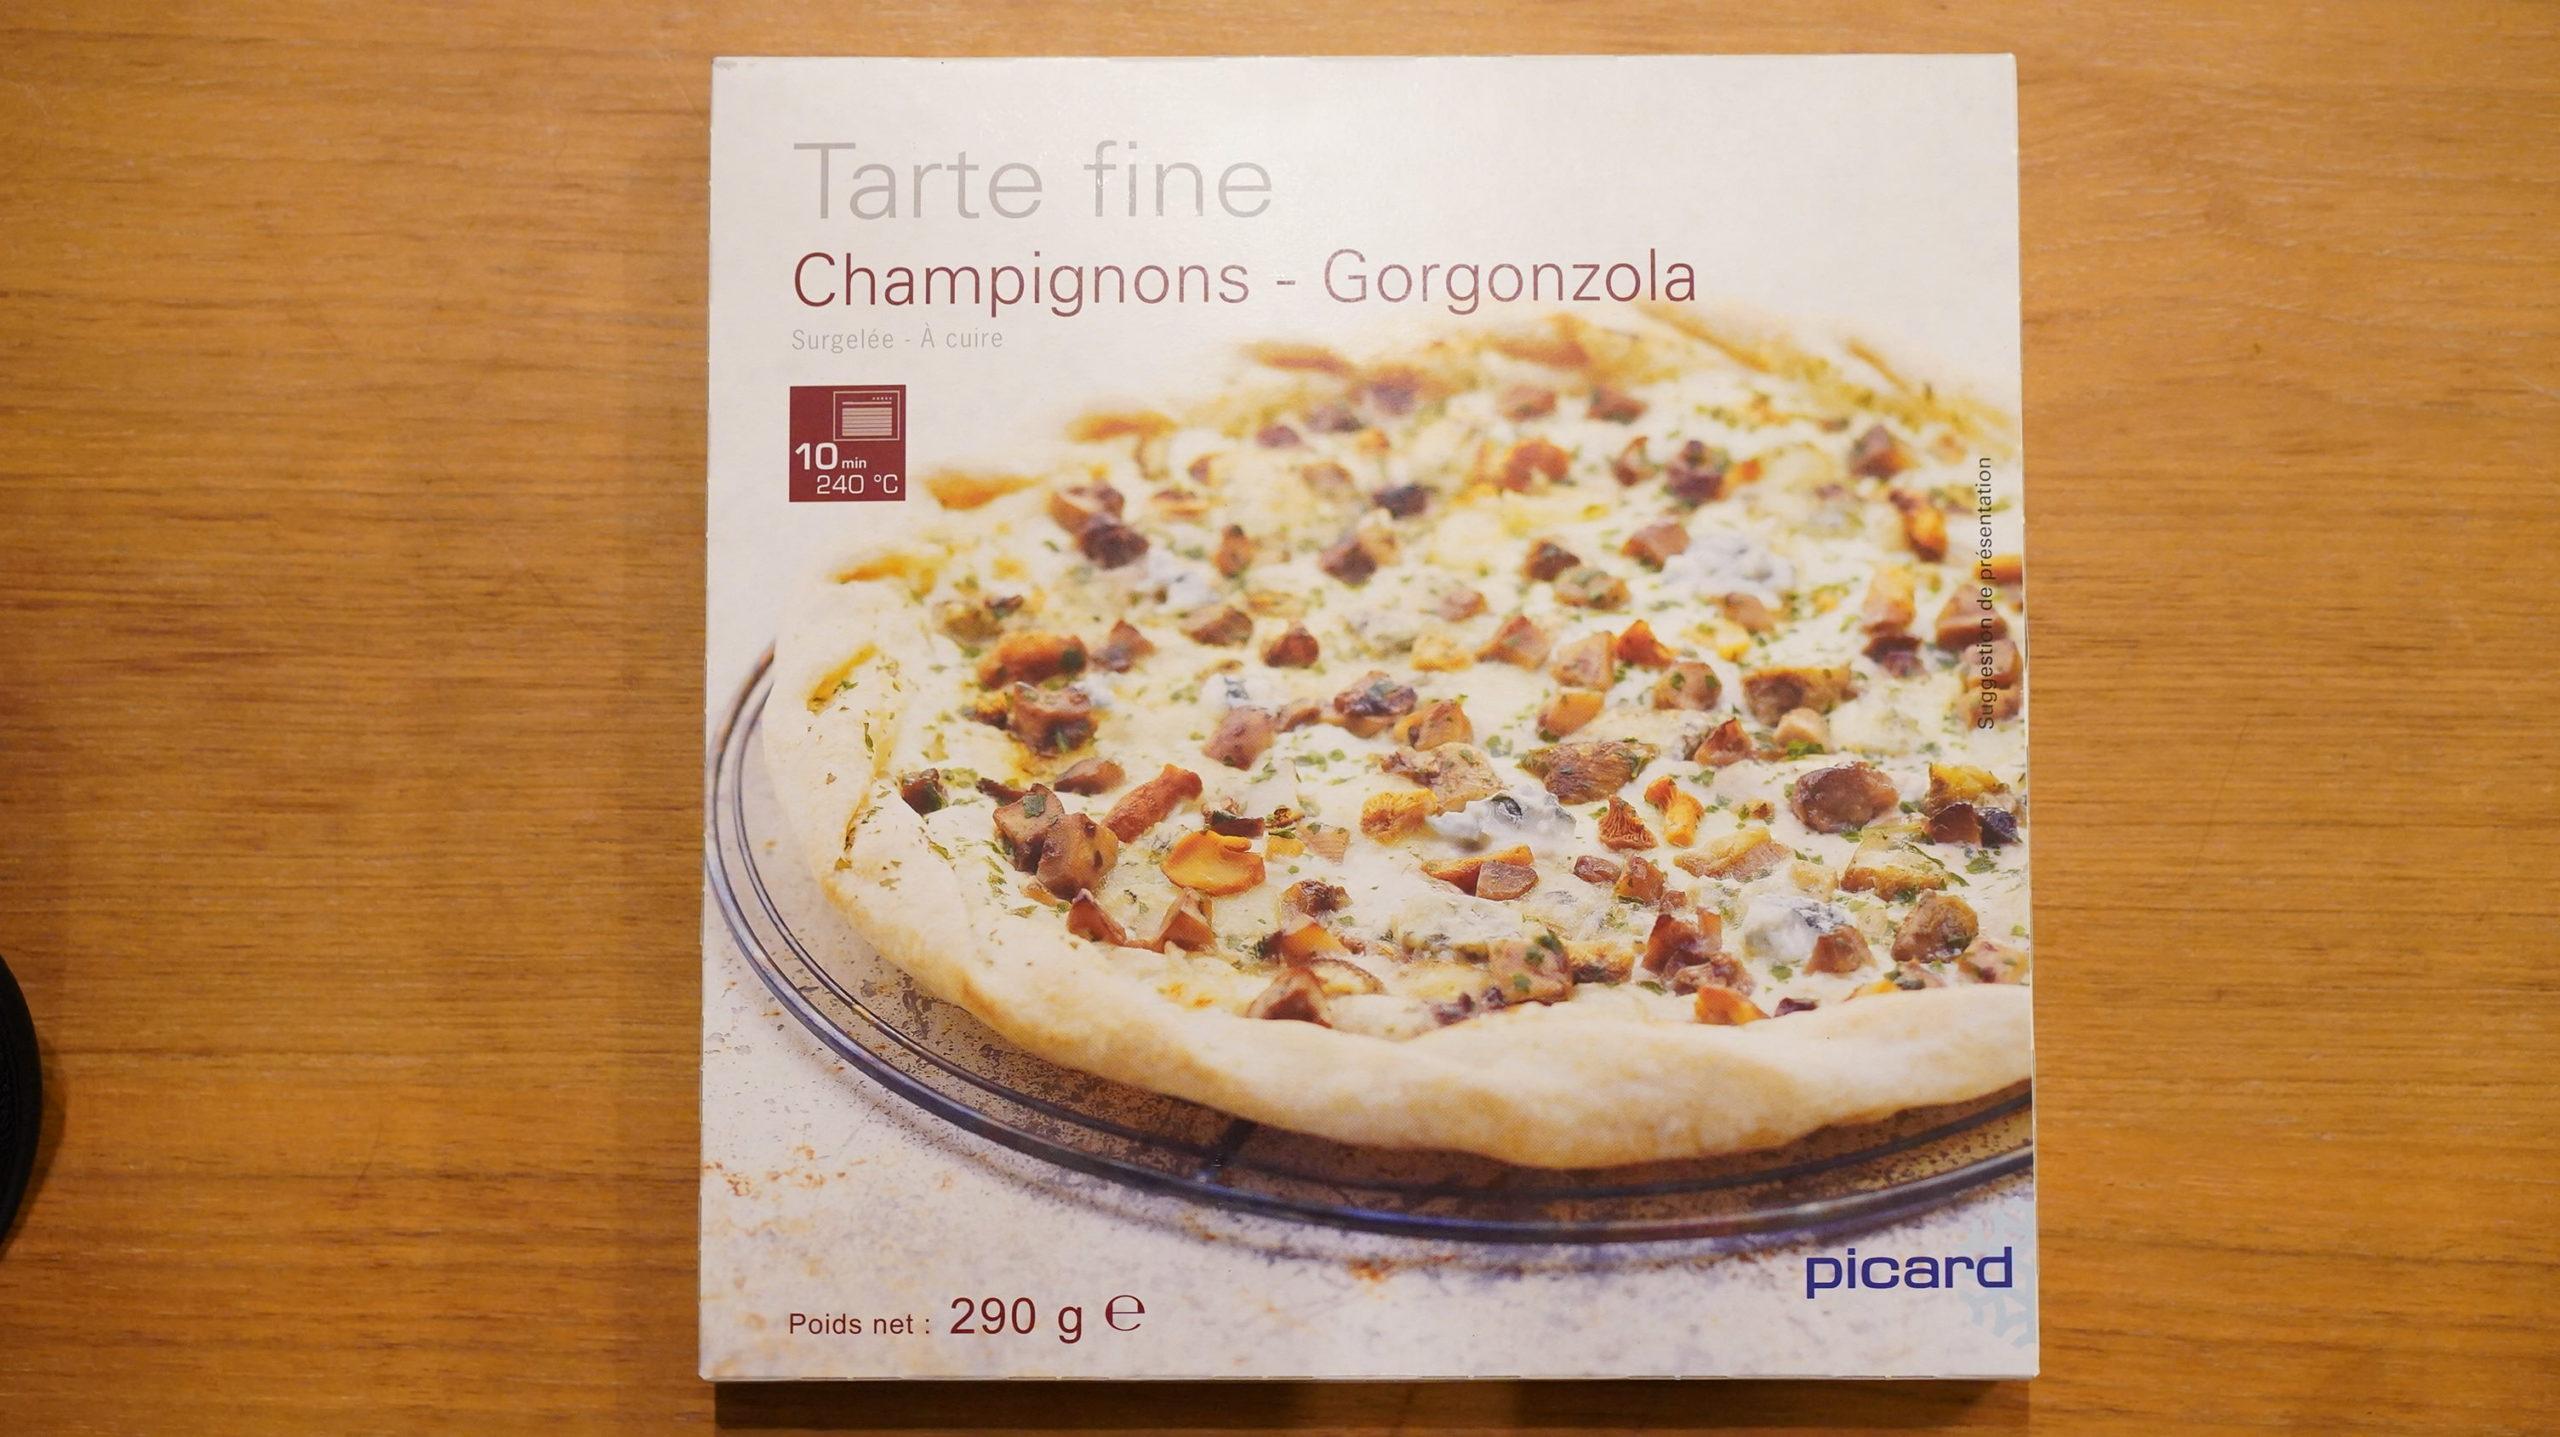 ピカールのおすすめ冷凍食品「きのことゴルゴンゾーラチーズの薄生地タルト」のパッケージ写真